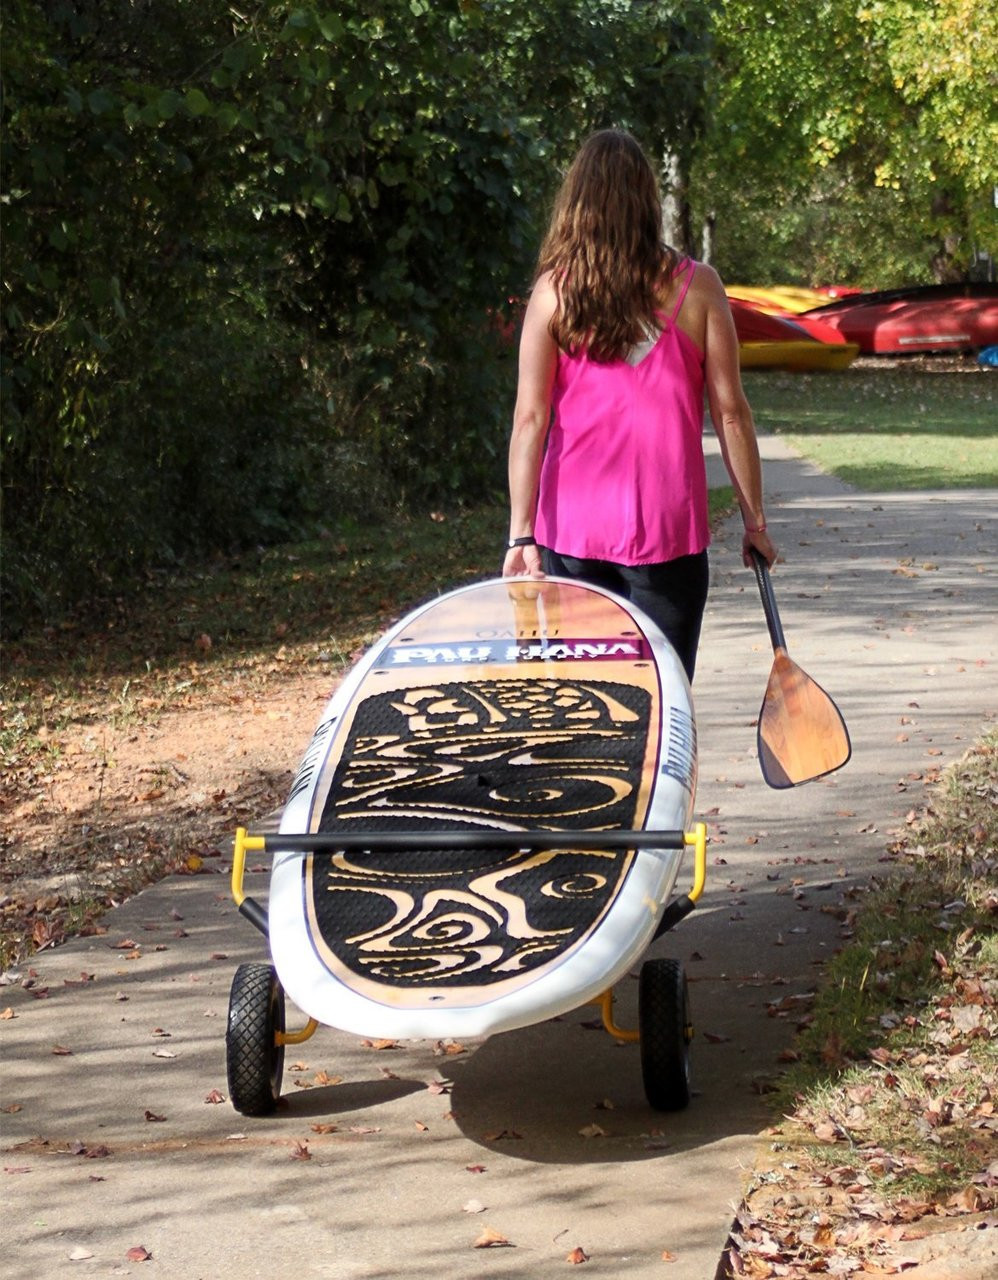 pull behing paddleboard dolly cart